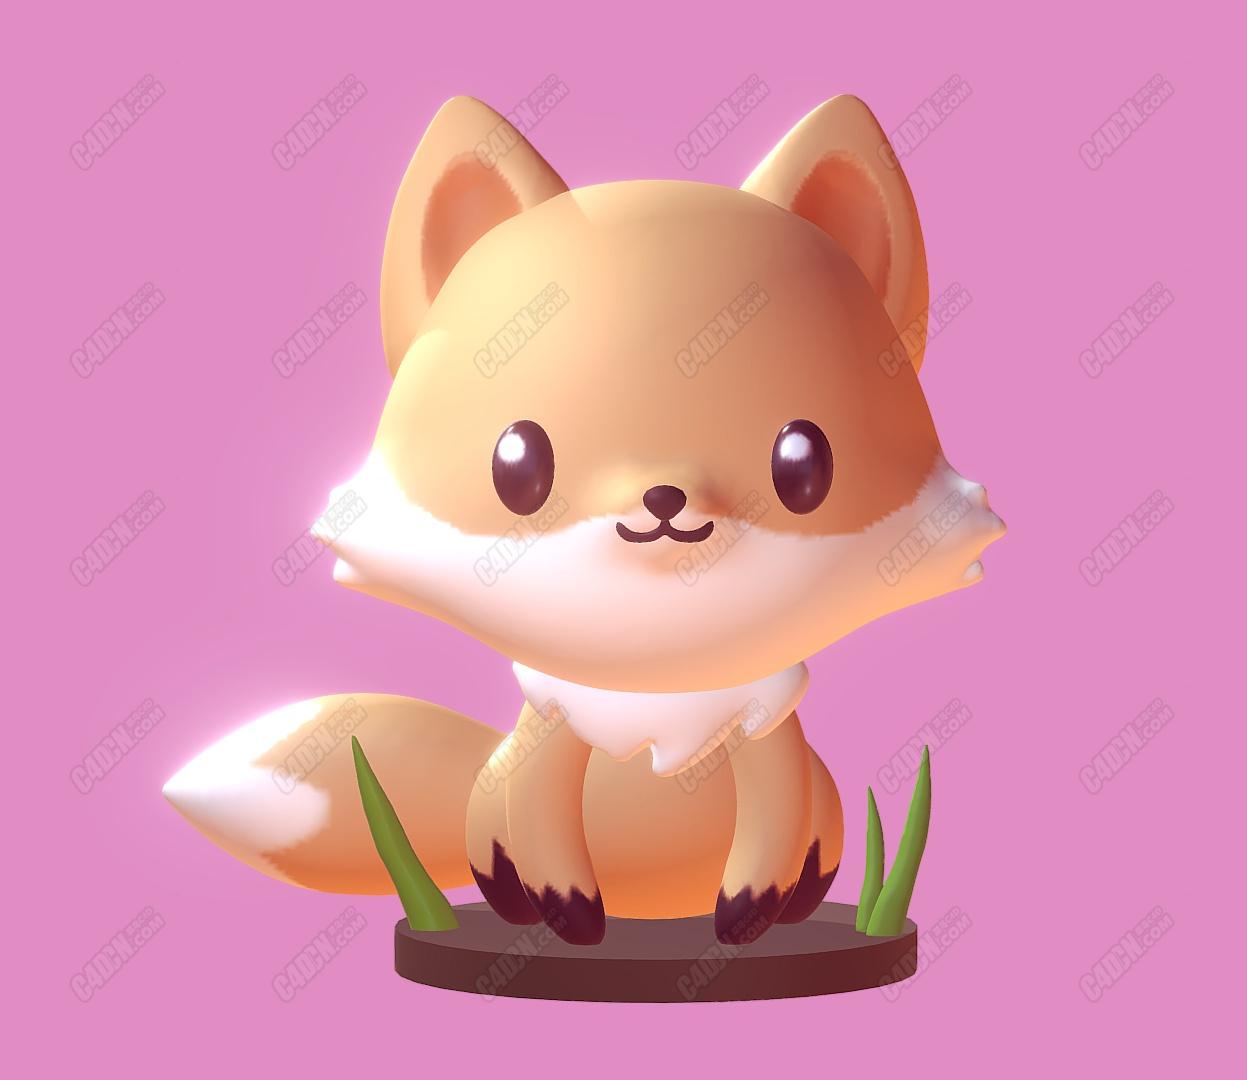 C4D卡通可爱小狐狸盘腿而坐动物模型(白模不含材质)fox